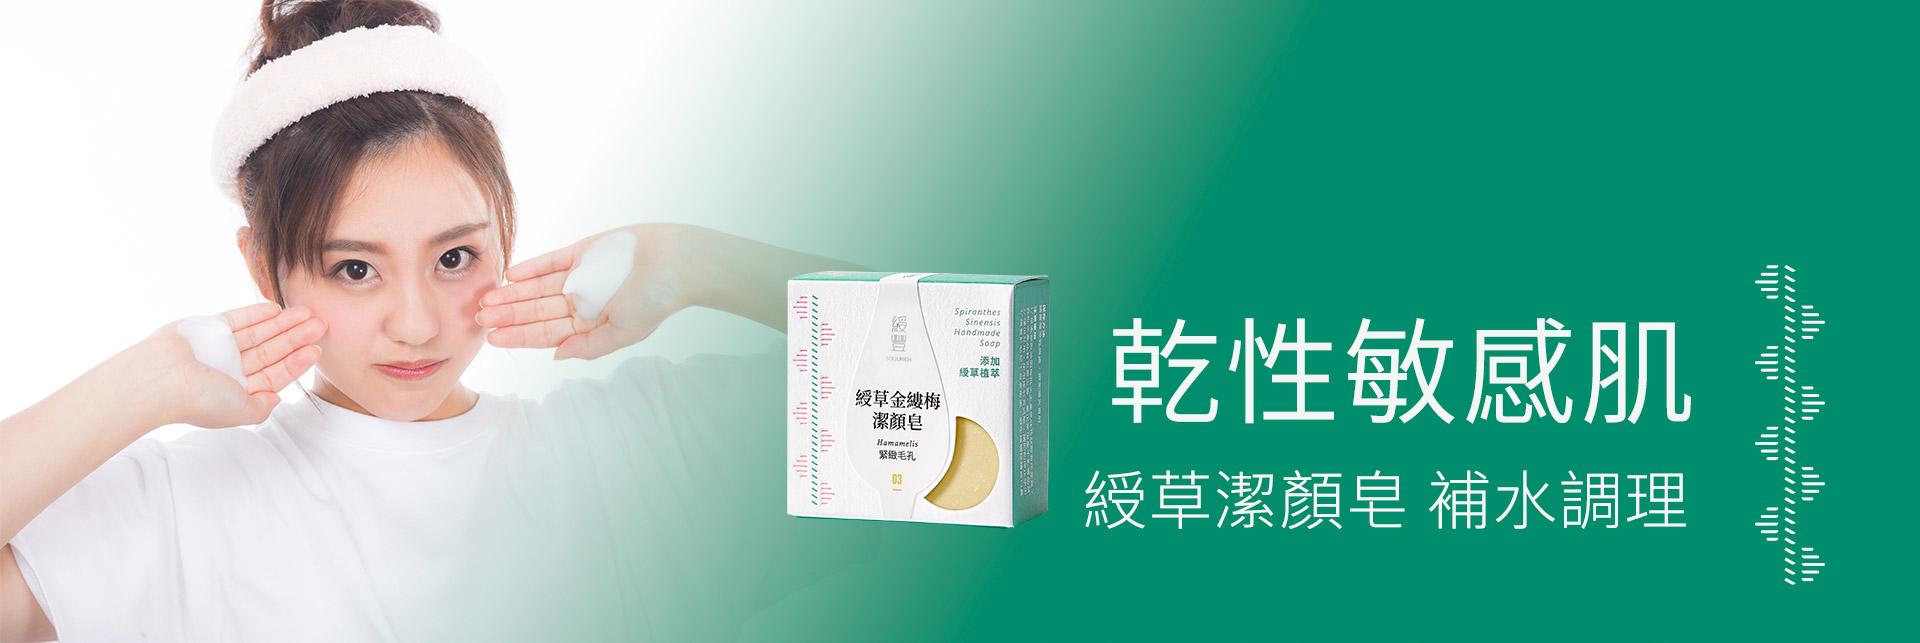 乾性敏感肌 綬草潔顏皂 補水調理